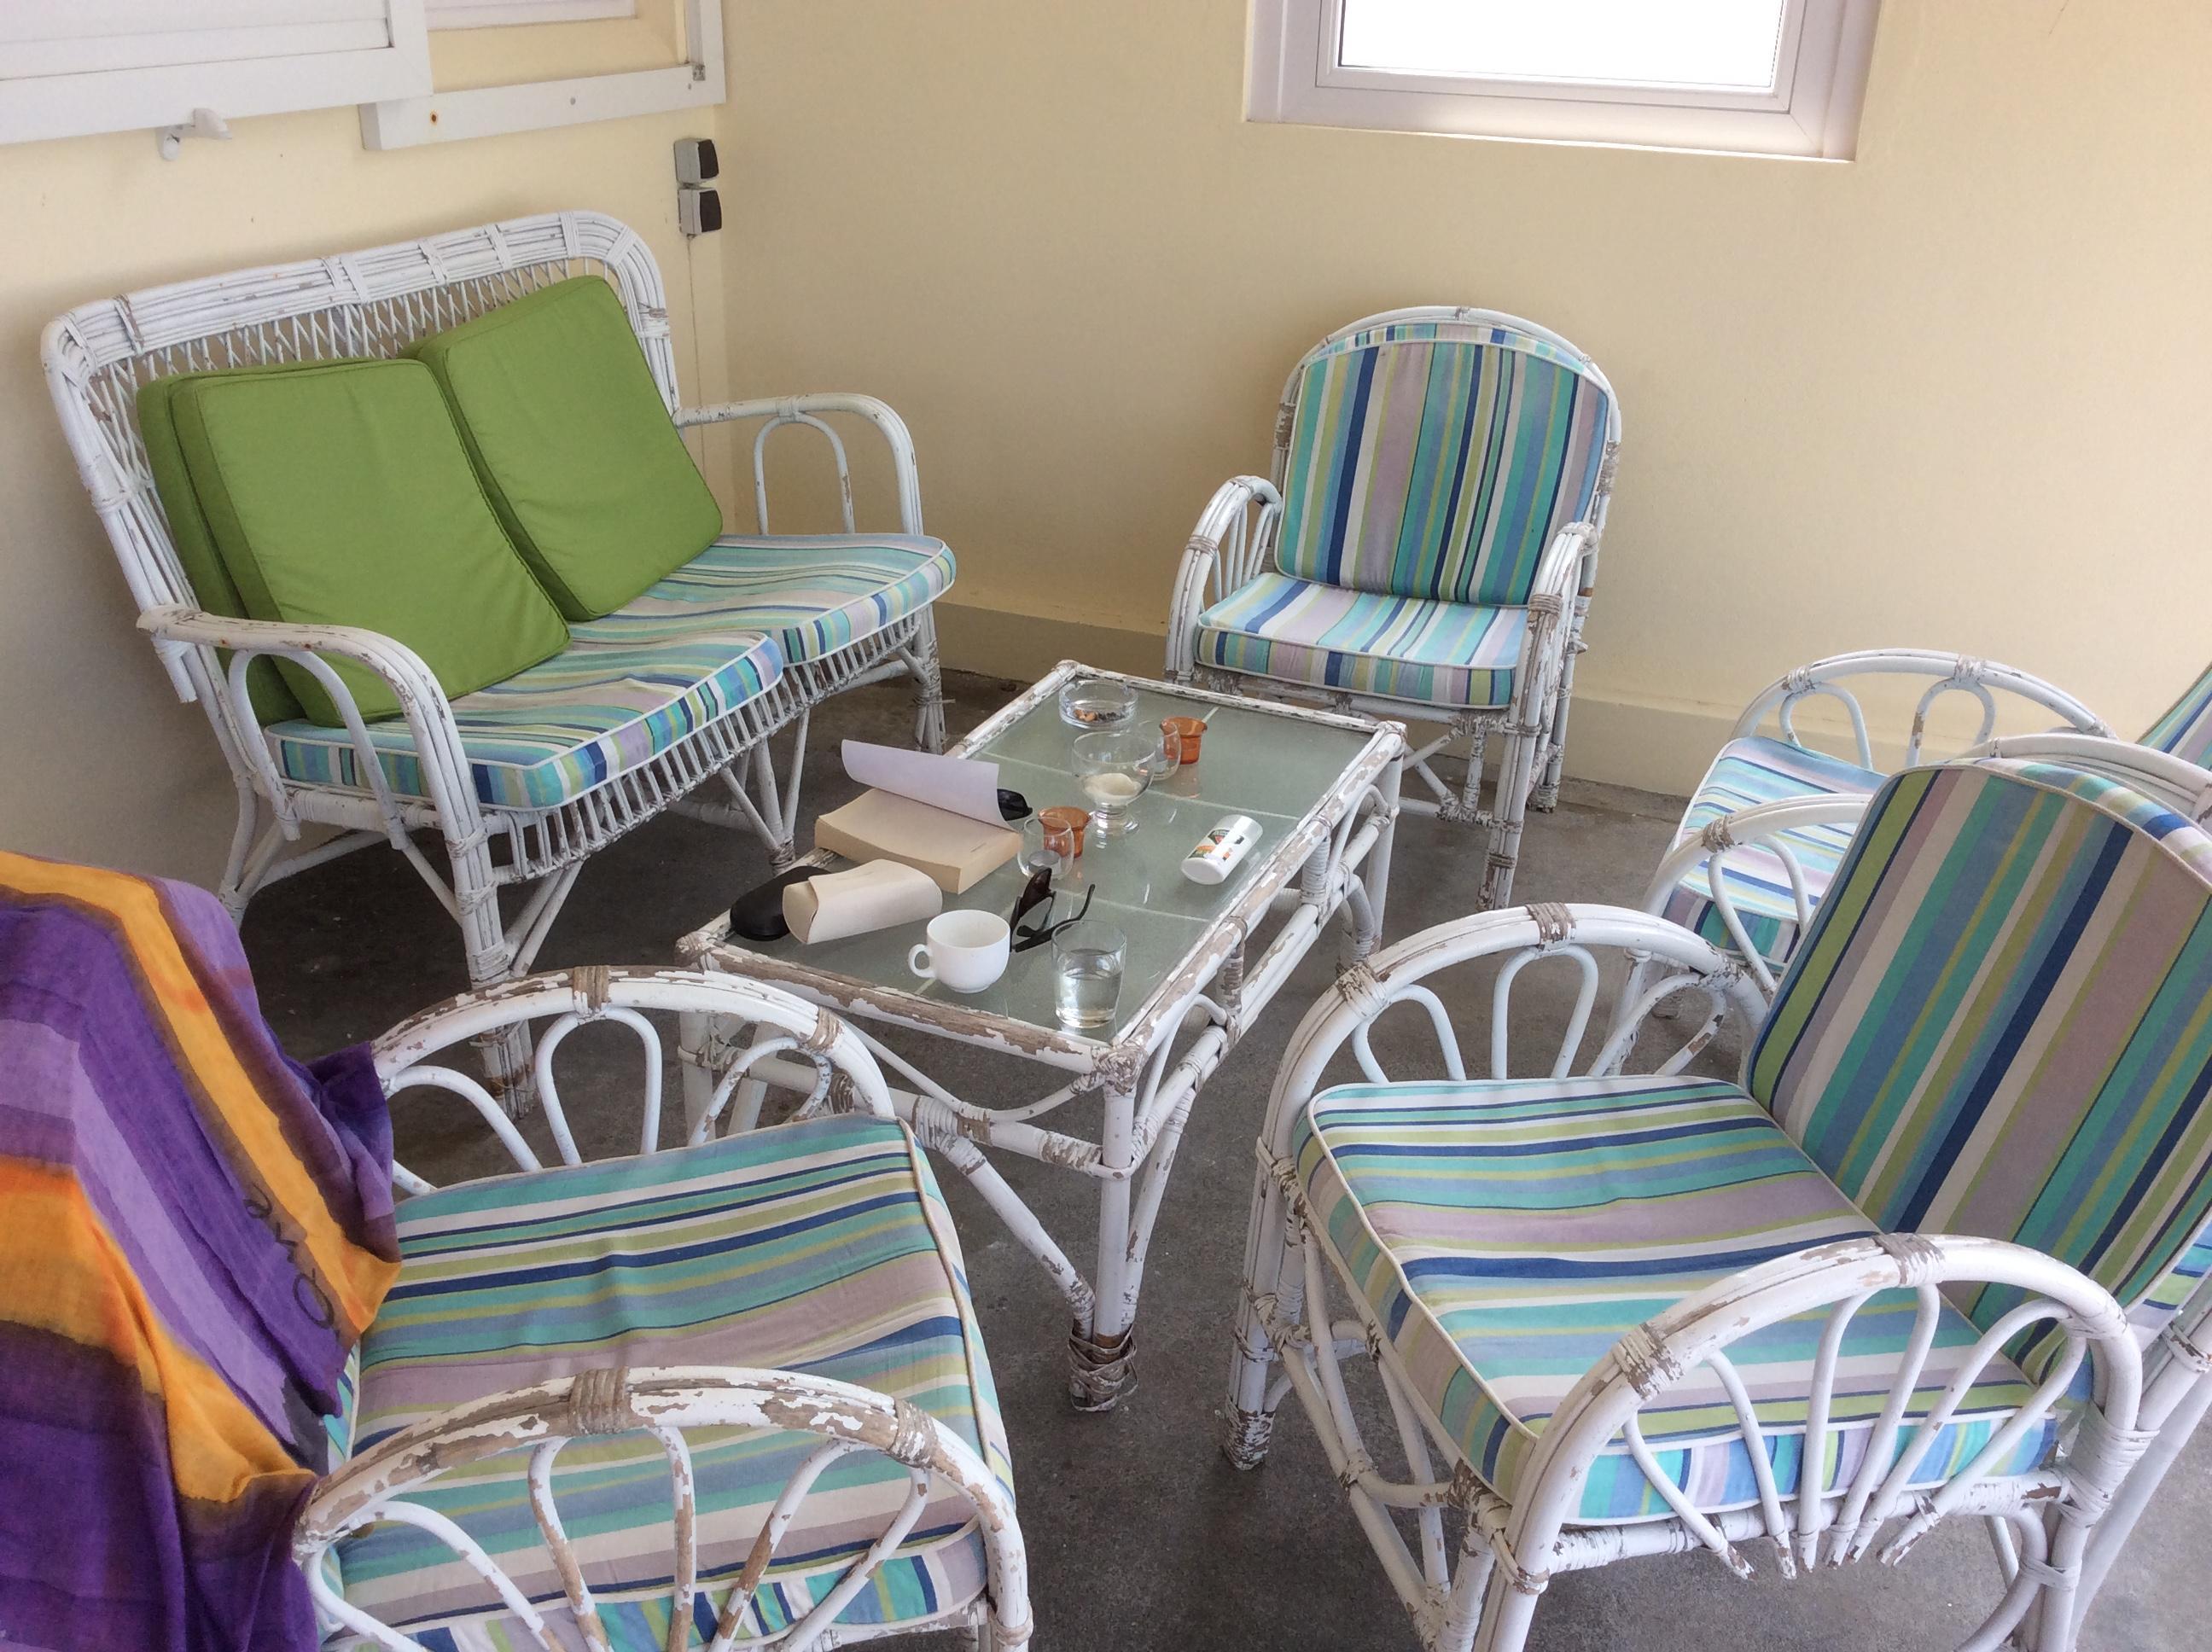 Quanto costa e come organizzare un viaggio a mauritius - Quanto costa una porta interna ...